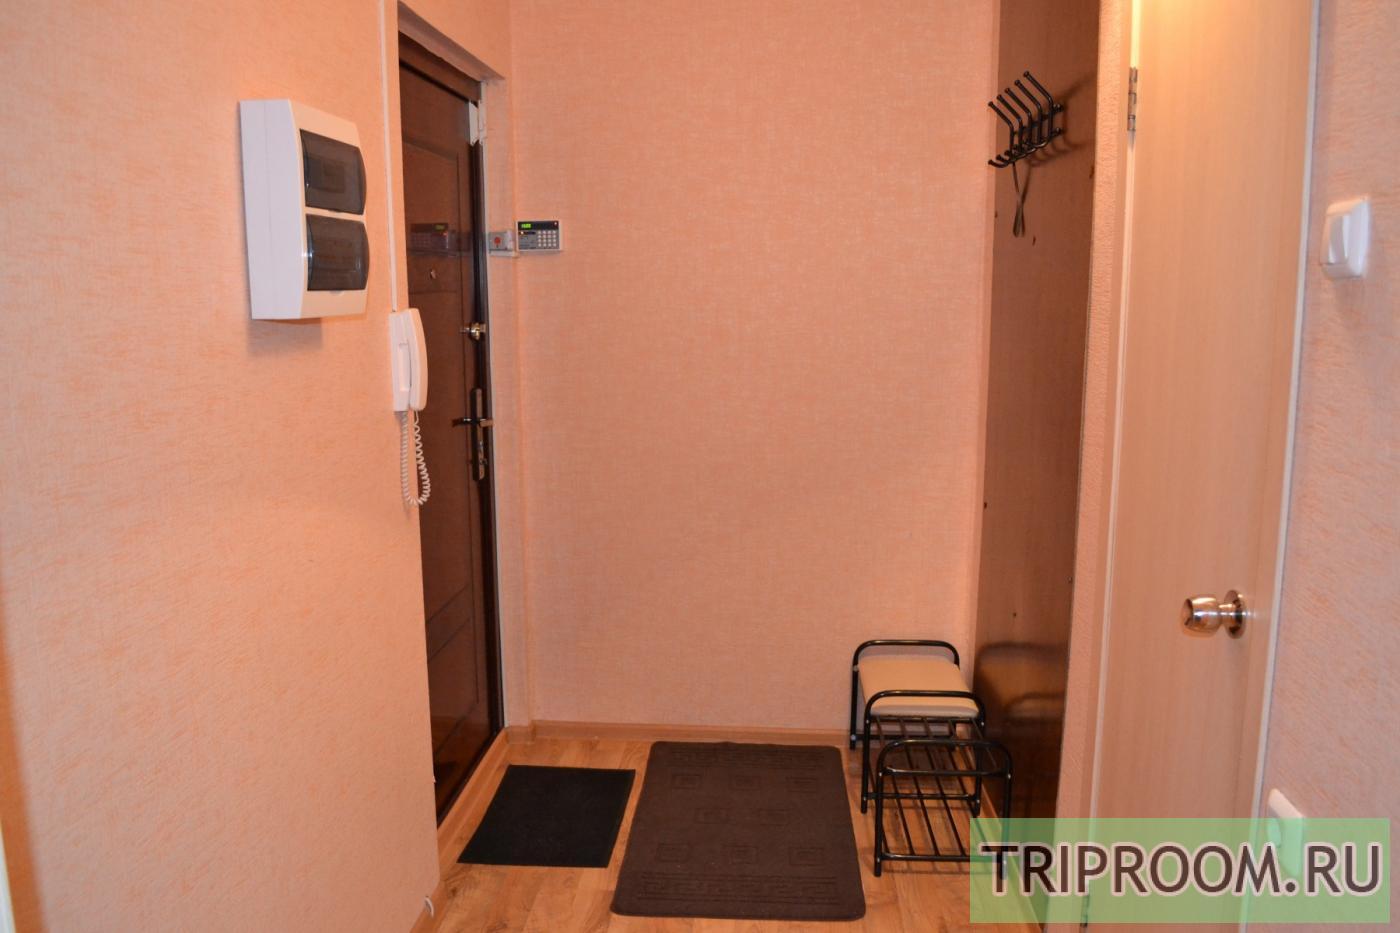 1-комнатная квартира посуточно (вариант № 10439), ул. Александра Шмакова улица, фото № 7